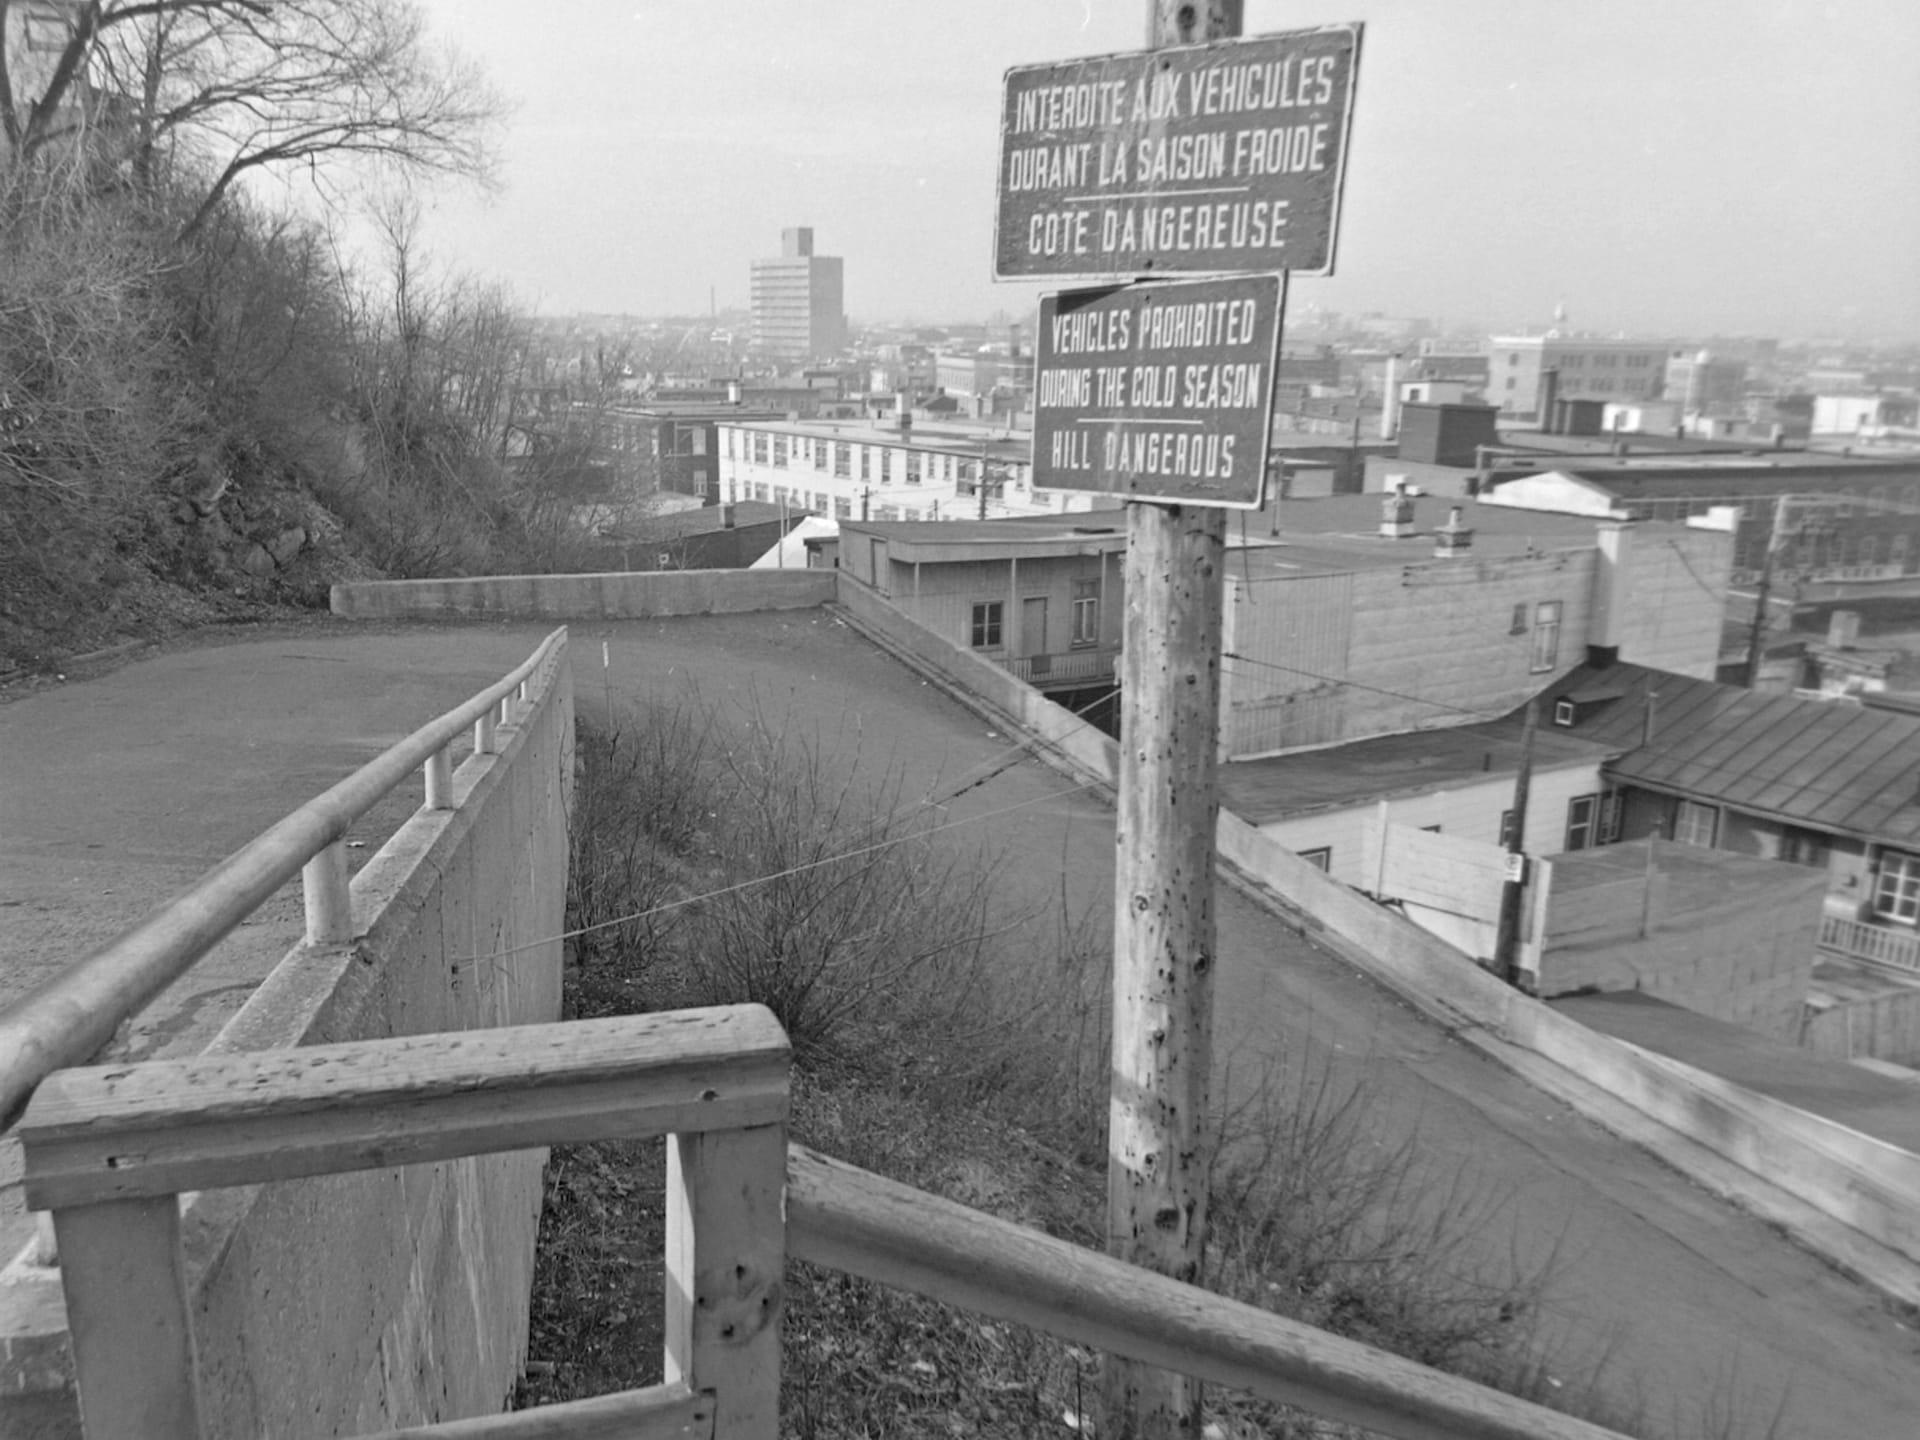 Un virage en épingle dans une côte escarpée, vue d'un escalier situé à côté. Un panneau précise que le passage est interdit aux voitures durant la saison froide.